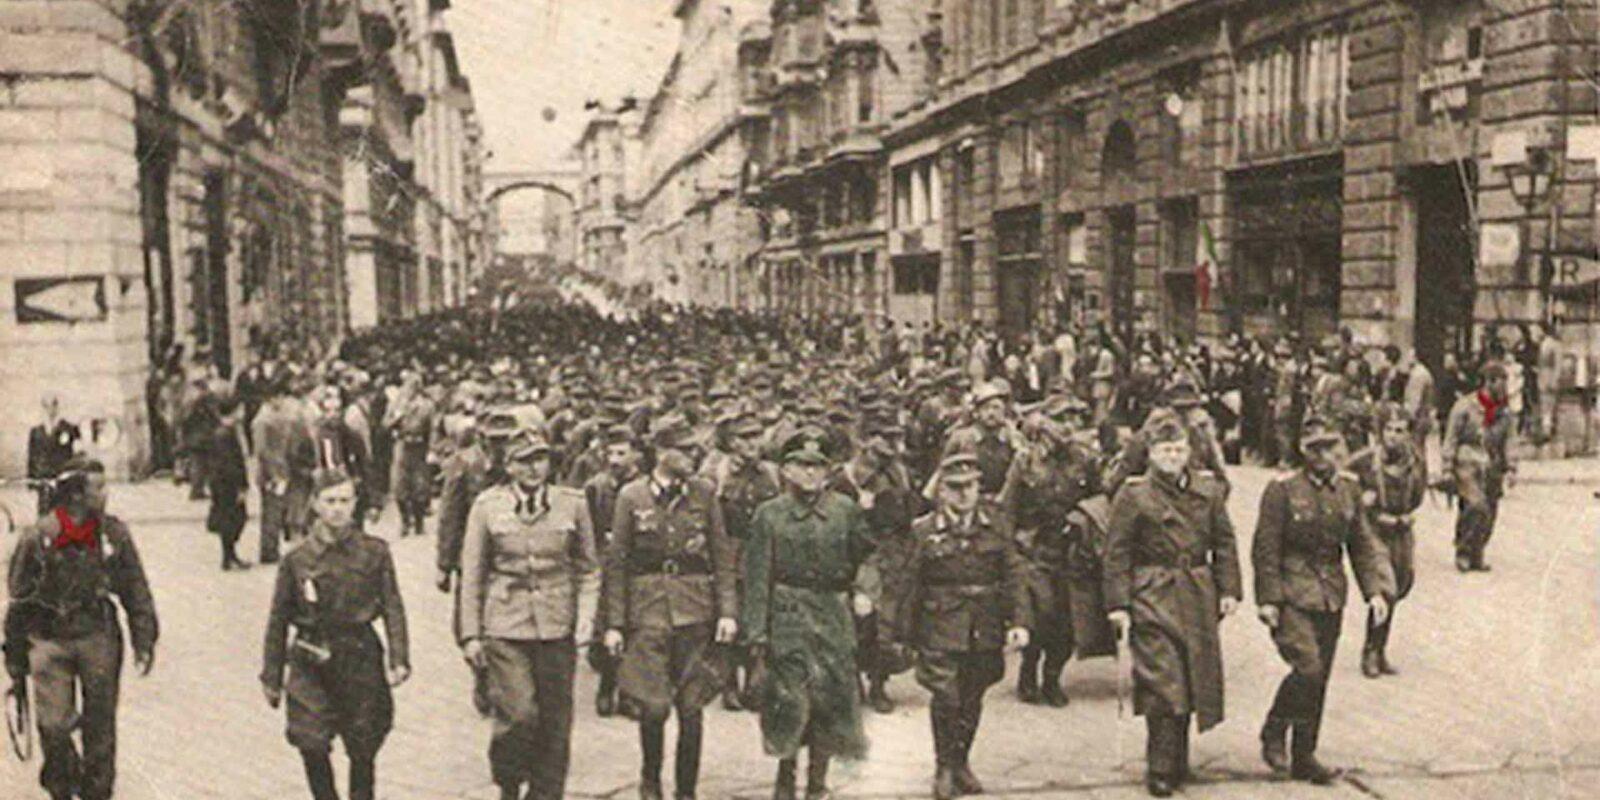 La resa di Genova nella memoria dei protagonisti Meinhold, Scappini, Romanzi